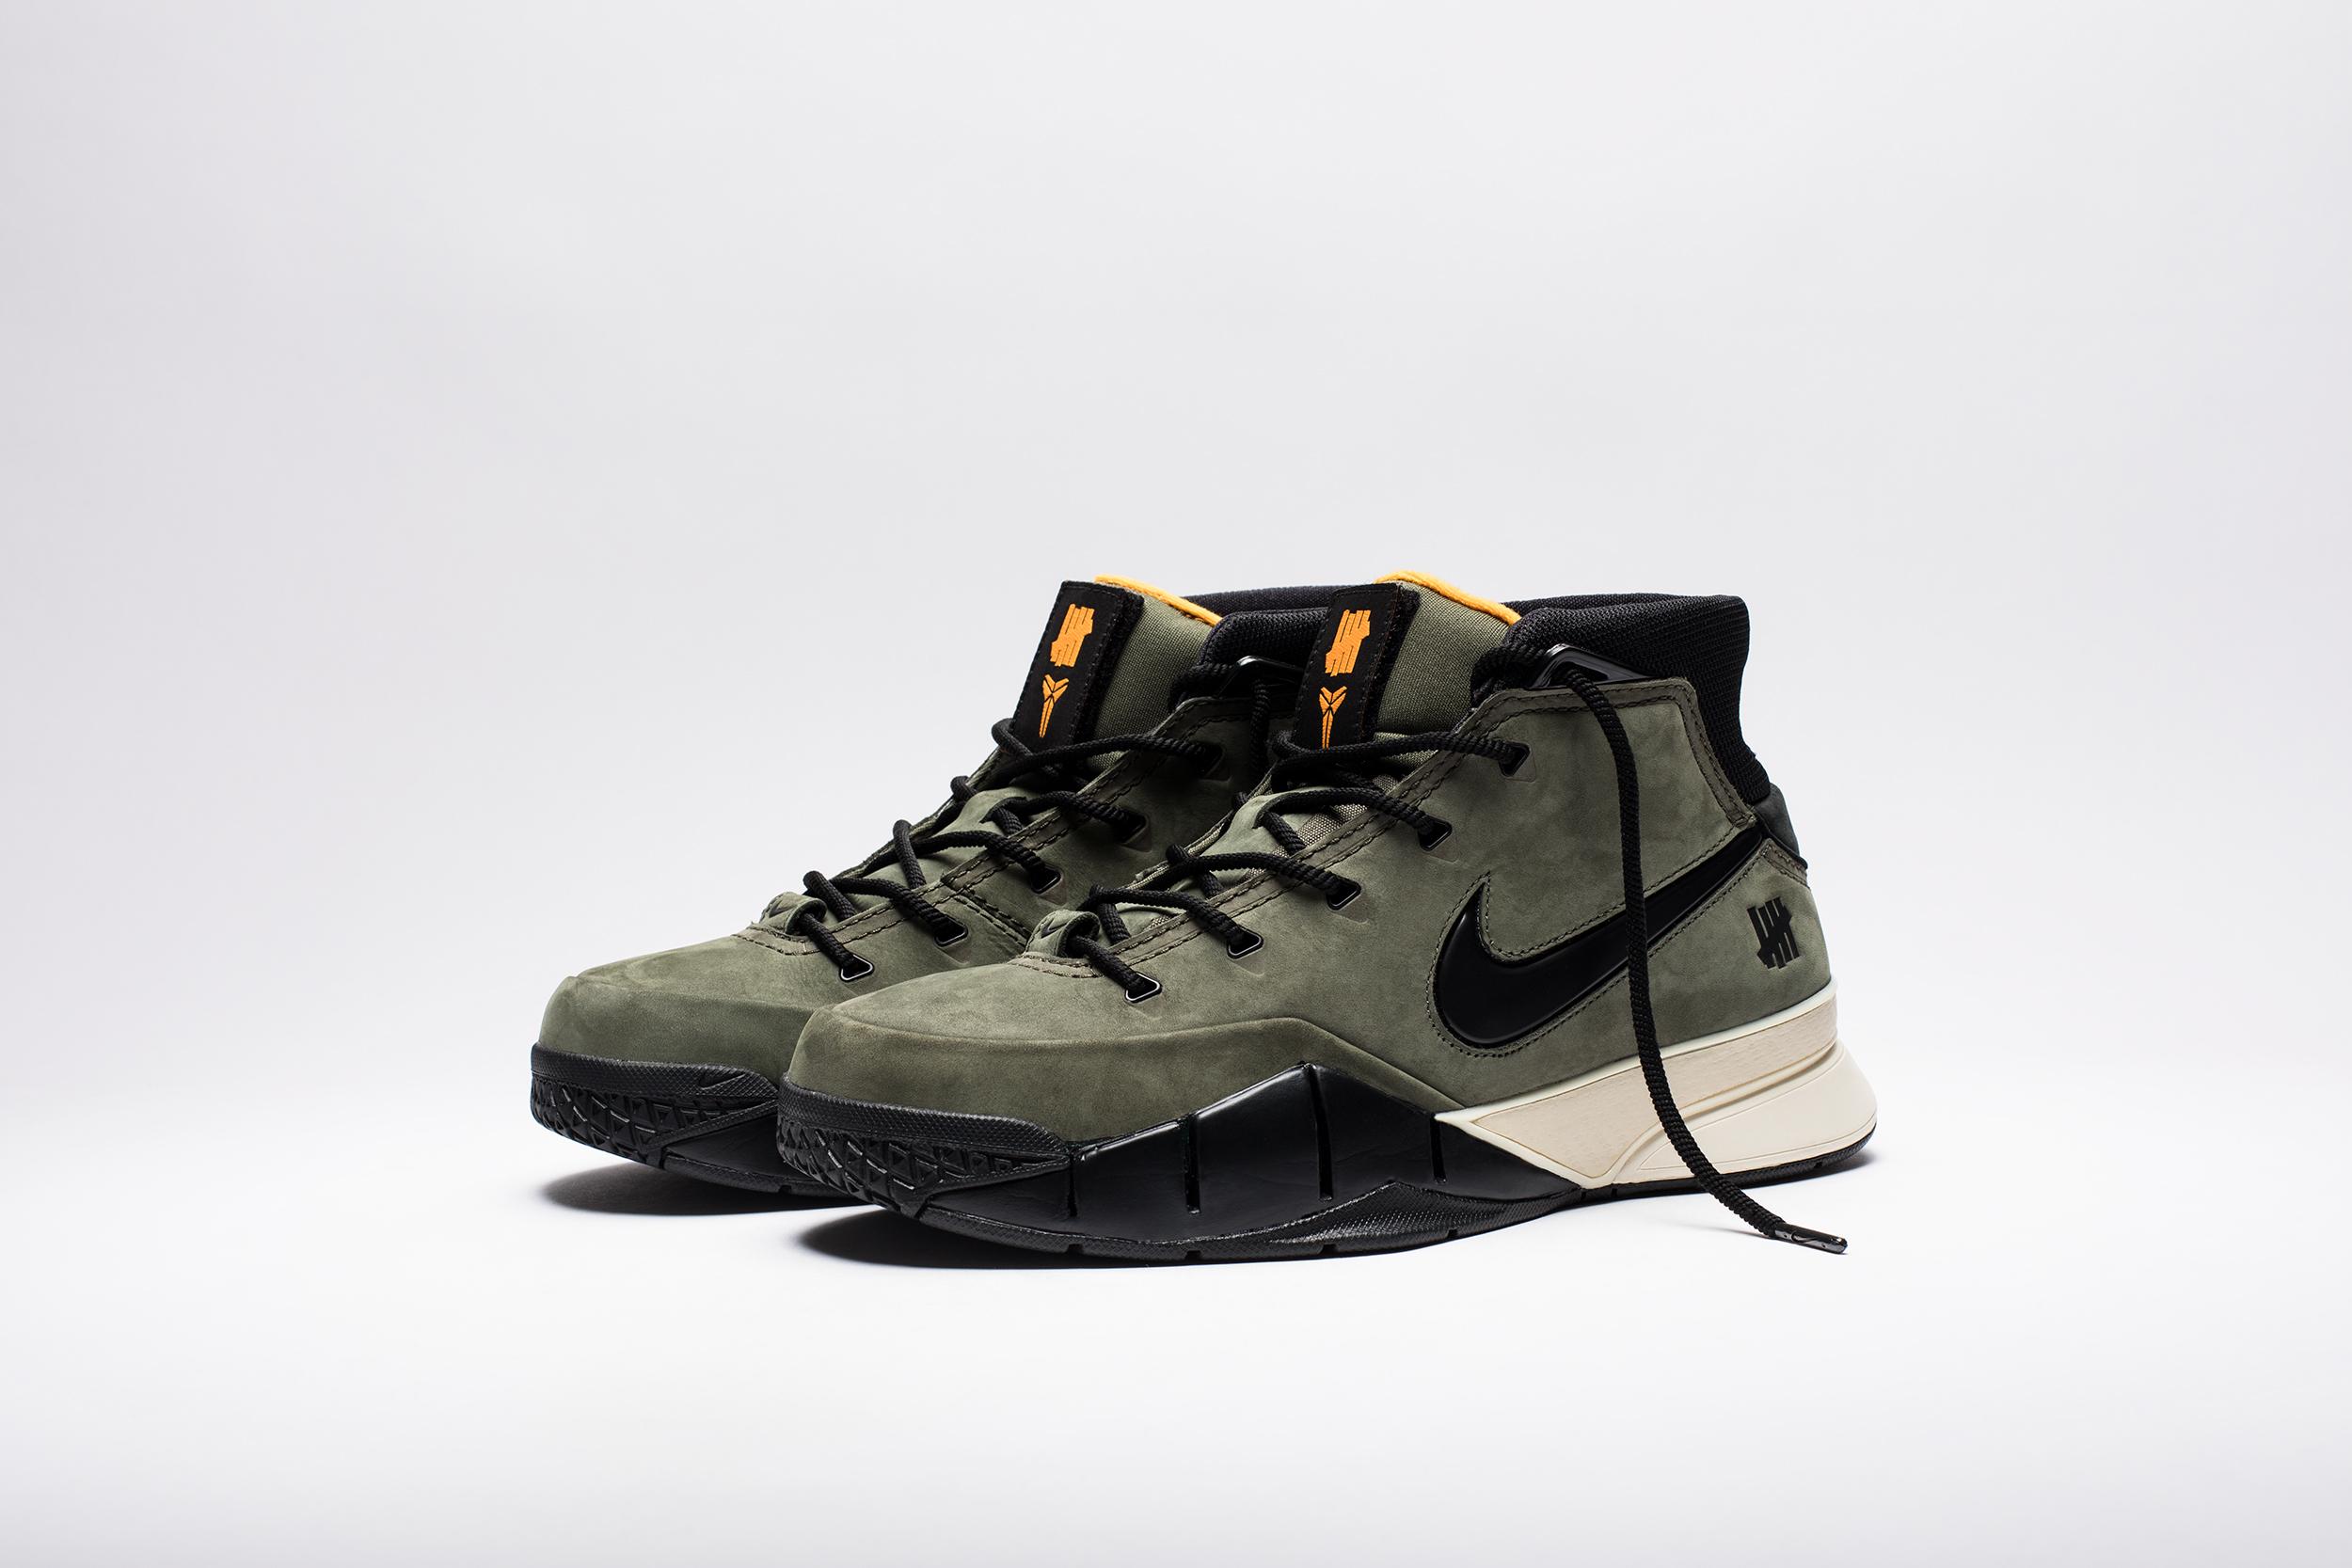 738b520d4b27 Nike-Kobe-1-Protro-UNDFTD-Flight-Jacket-1 - WearTesters